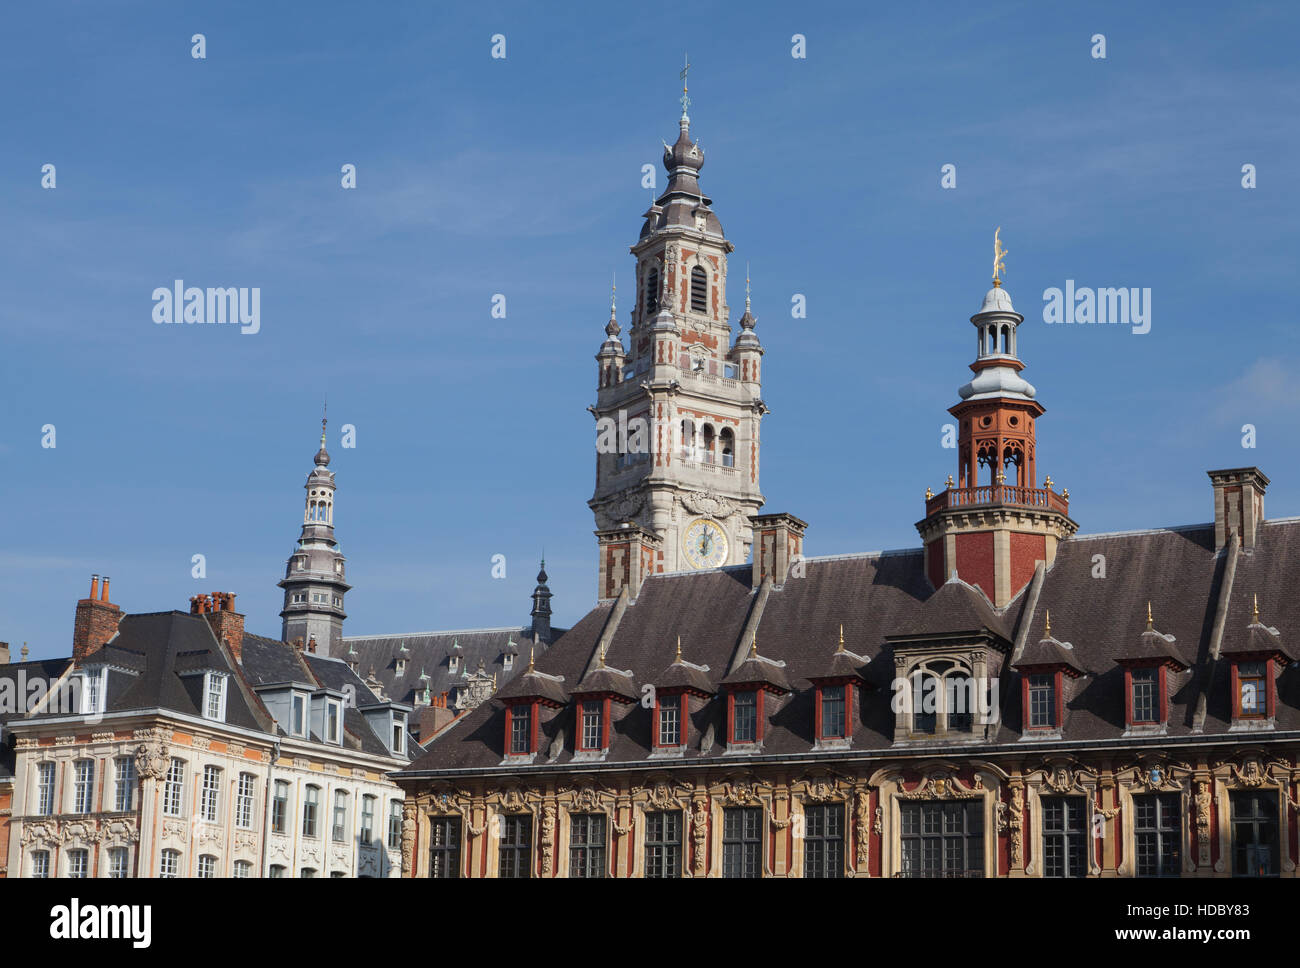 """La """"Vieille Bourse' en la Grand' Place, el centro de la ciudad de Lille. En el norte de Francia. Imagen De Stock"""